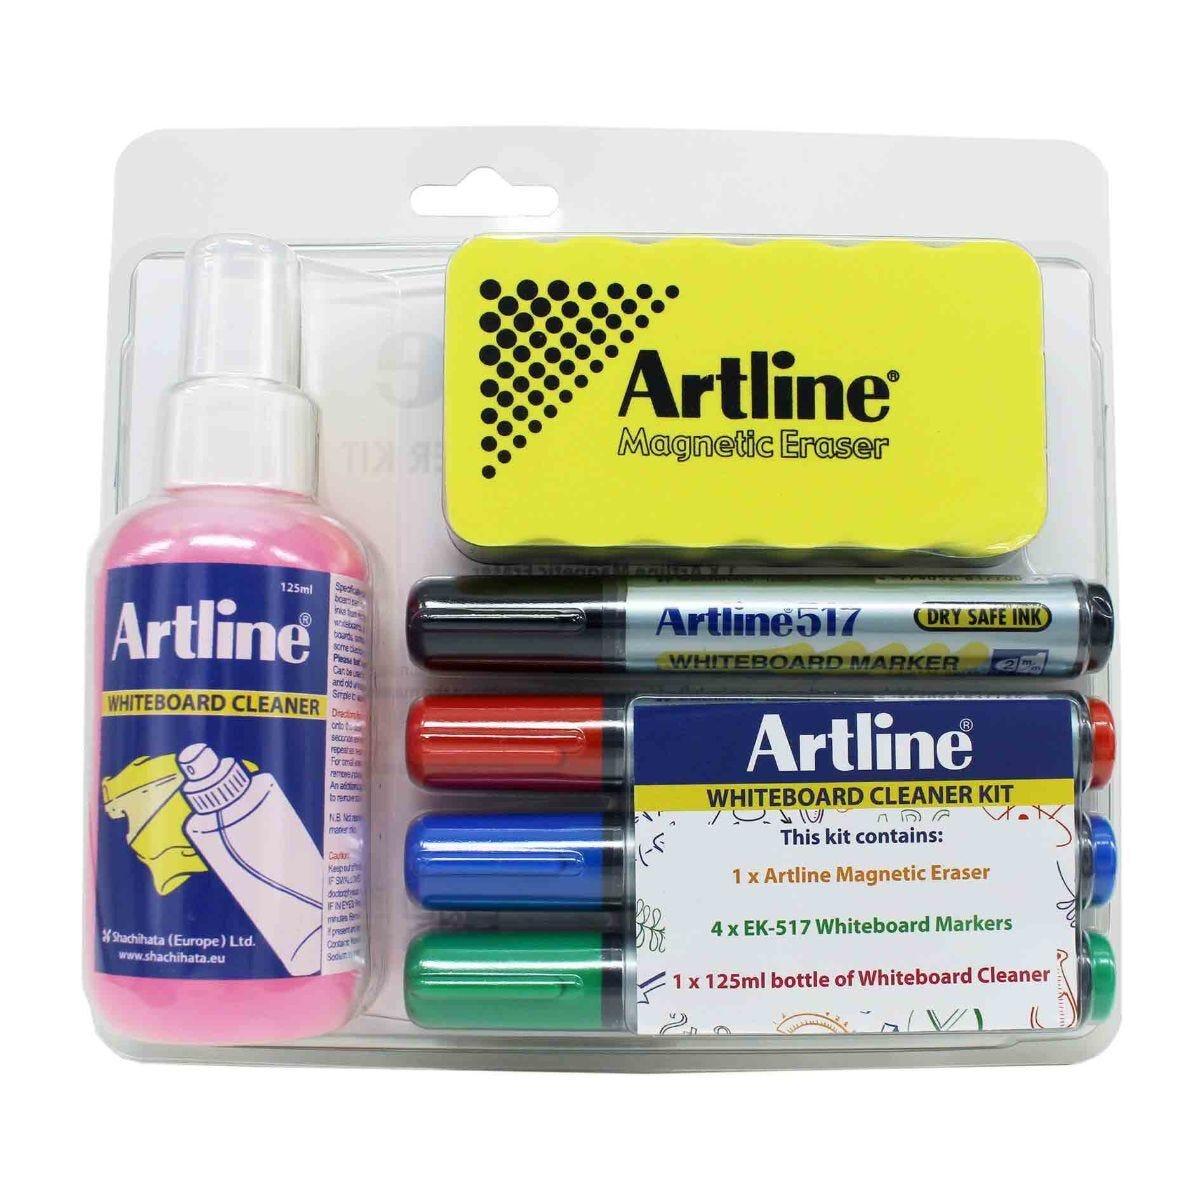 Artline Whiteboard Kit